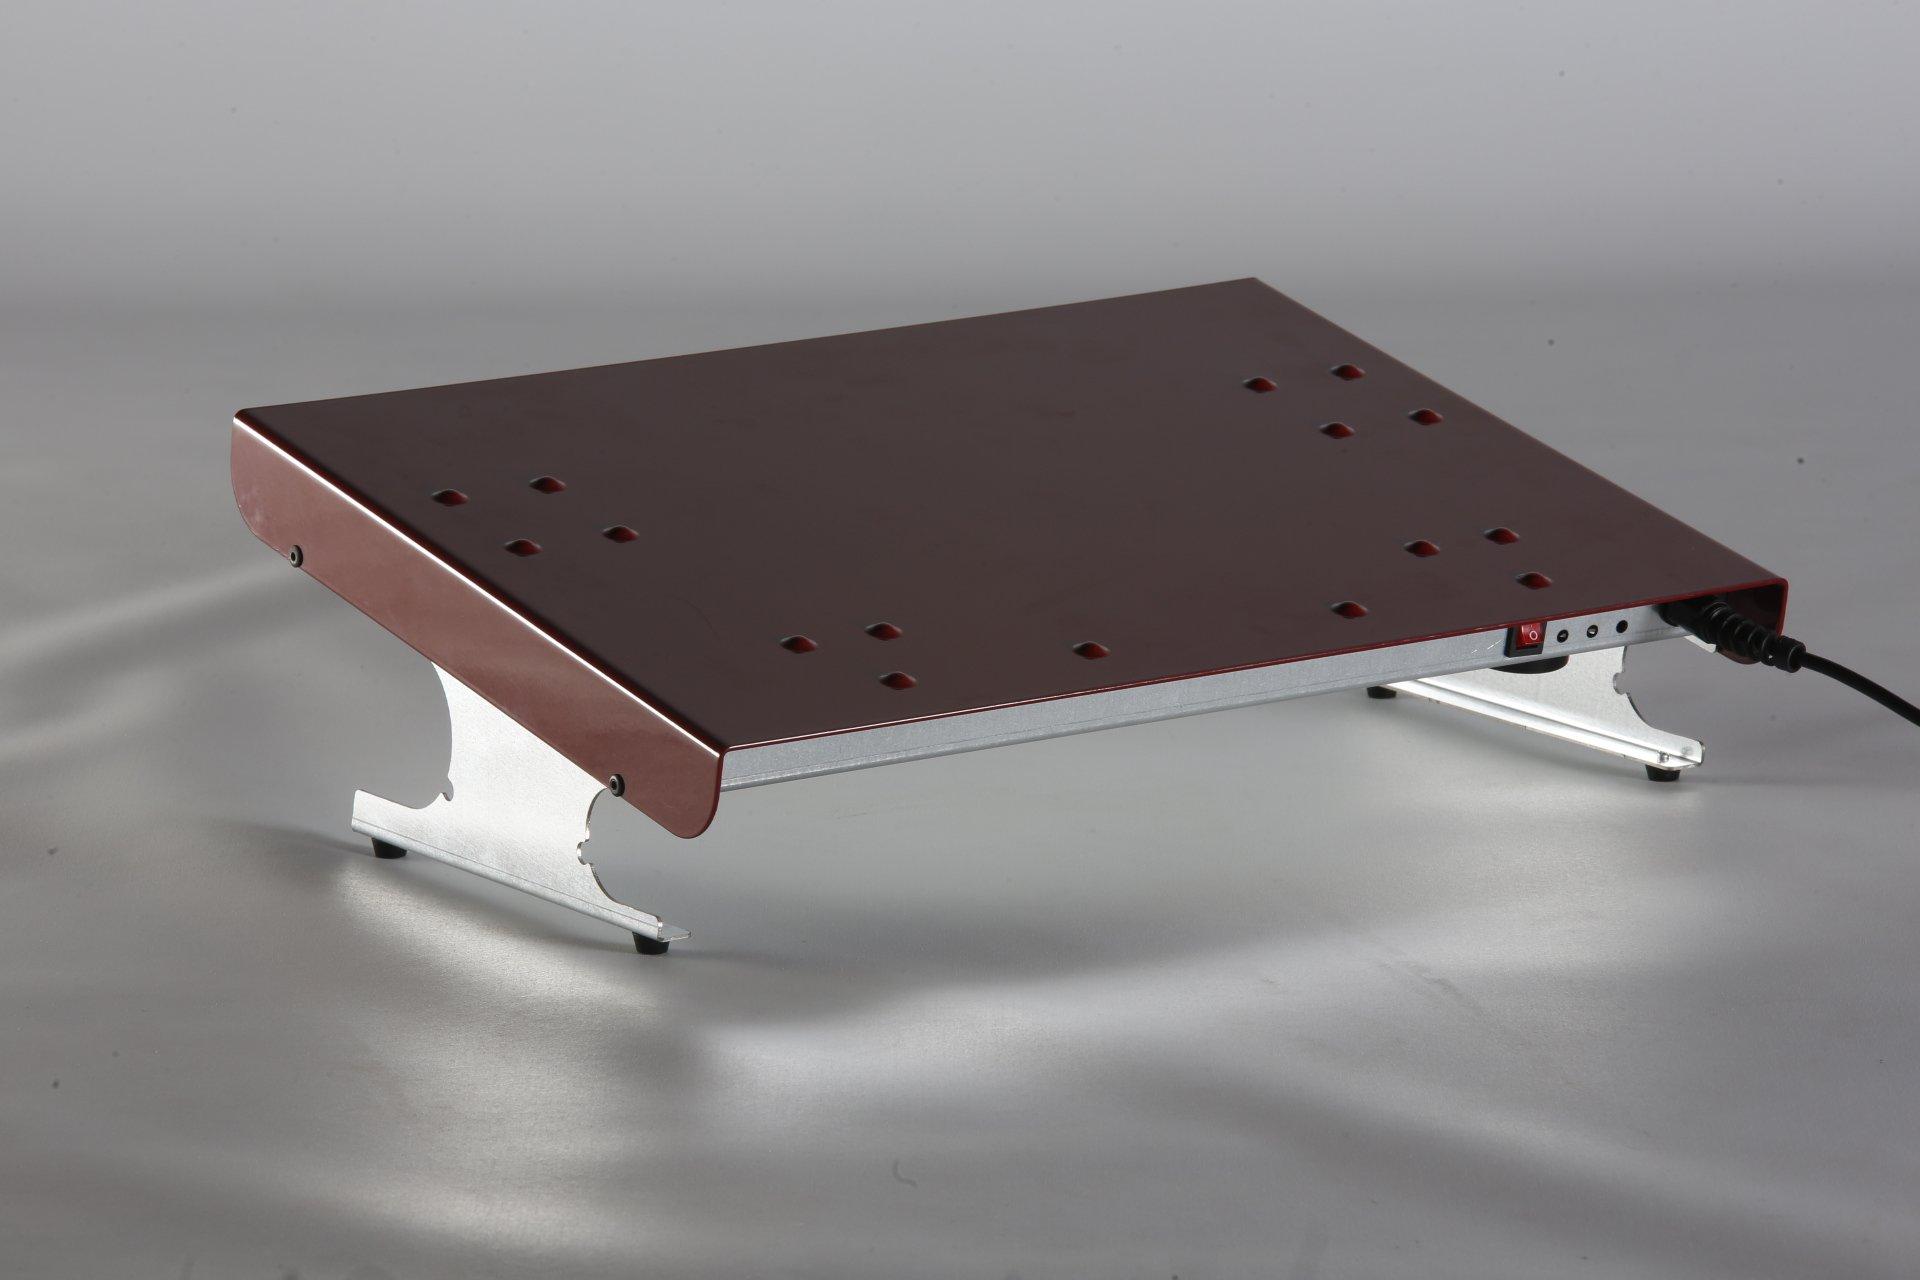 CALIENTA PIES DIFUTERM OFFIS MÁS EFICIENTE Calienta pies con un bajo consumo 60w diseñado para calentar